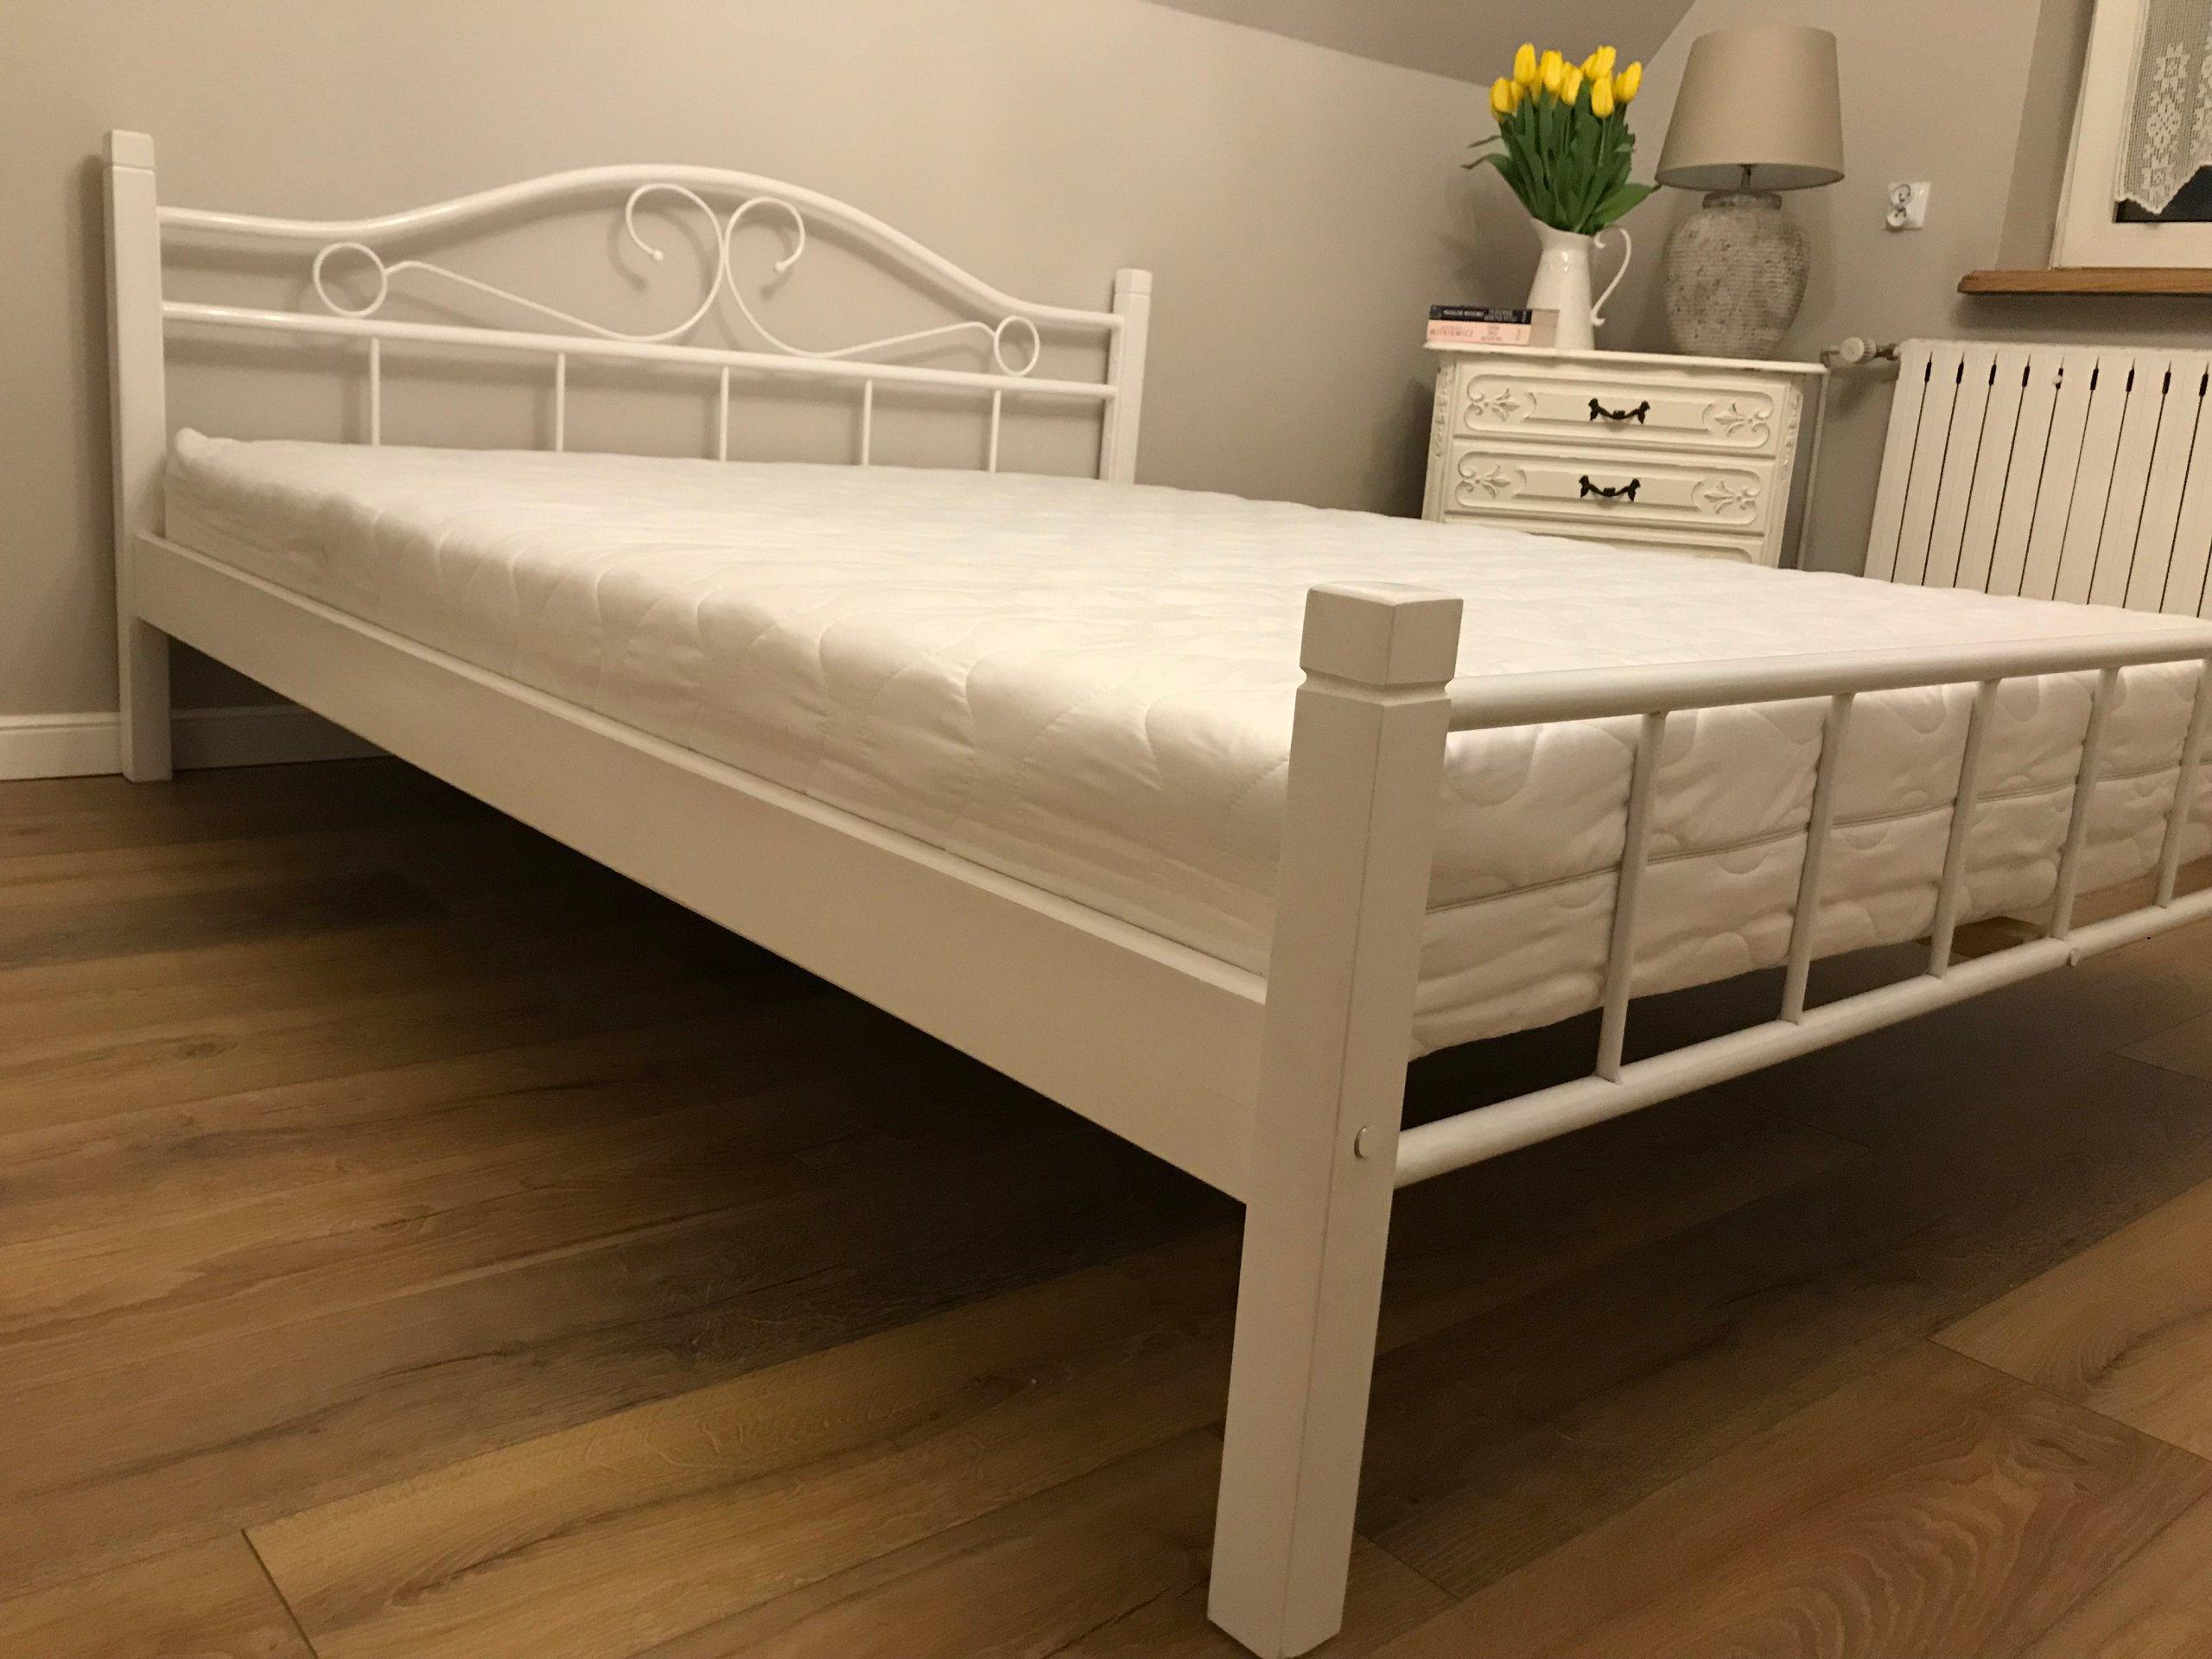 łóżko Metalowe Agata 100x200 Białe I Czarno Białe